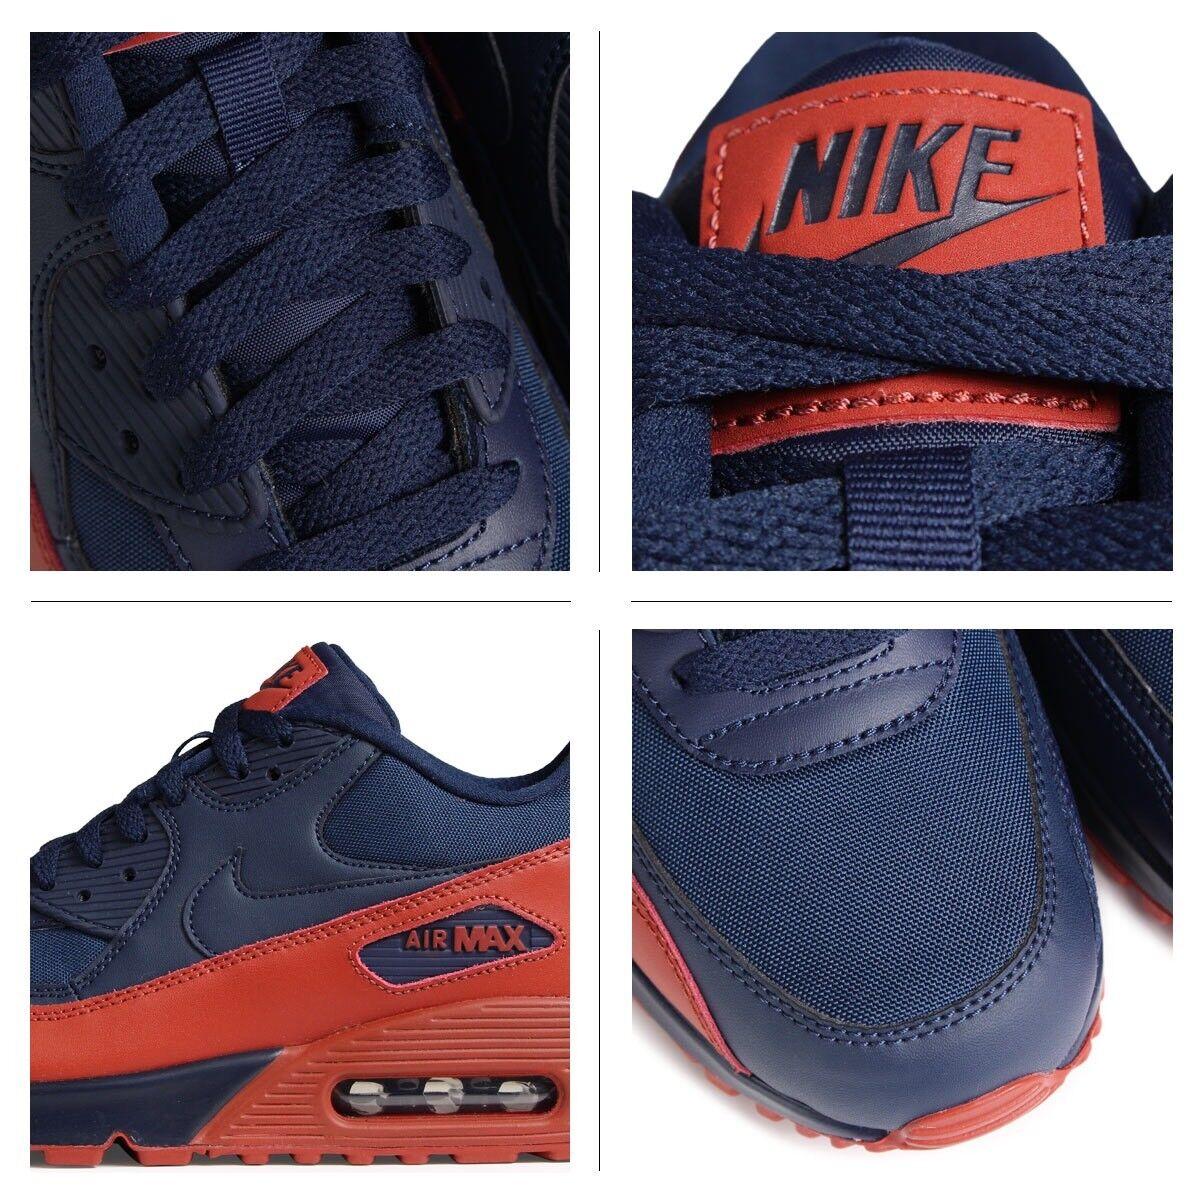 Nike Nike Nike air max 90 wesentliche obsidian marine dunkelorange mars - stein 537384-425 sz - 8 3a623e